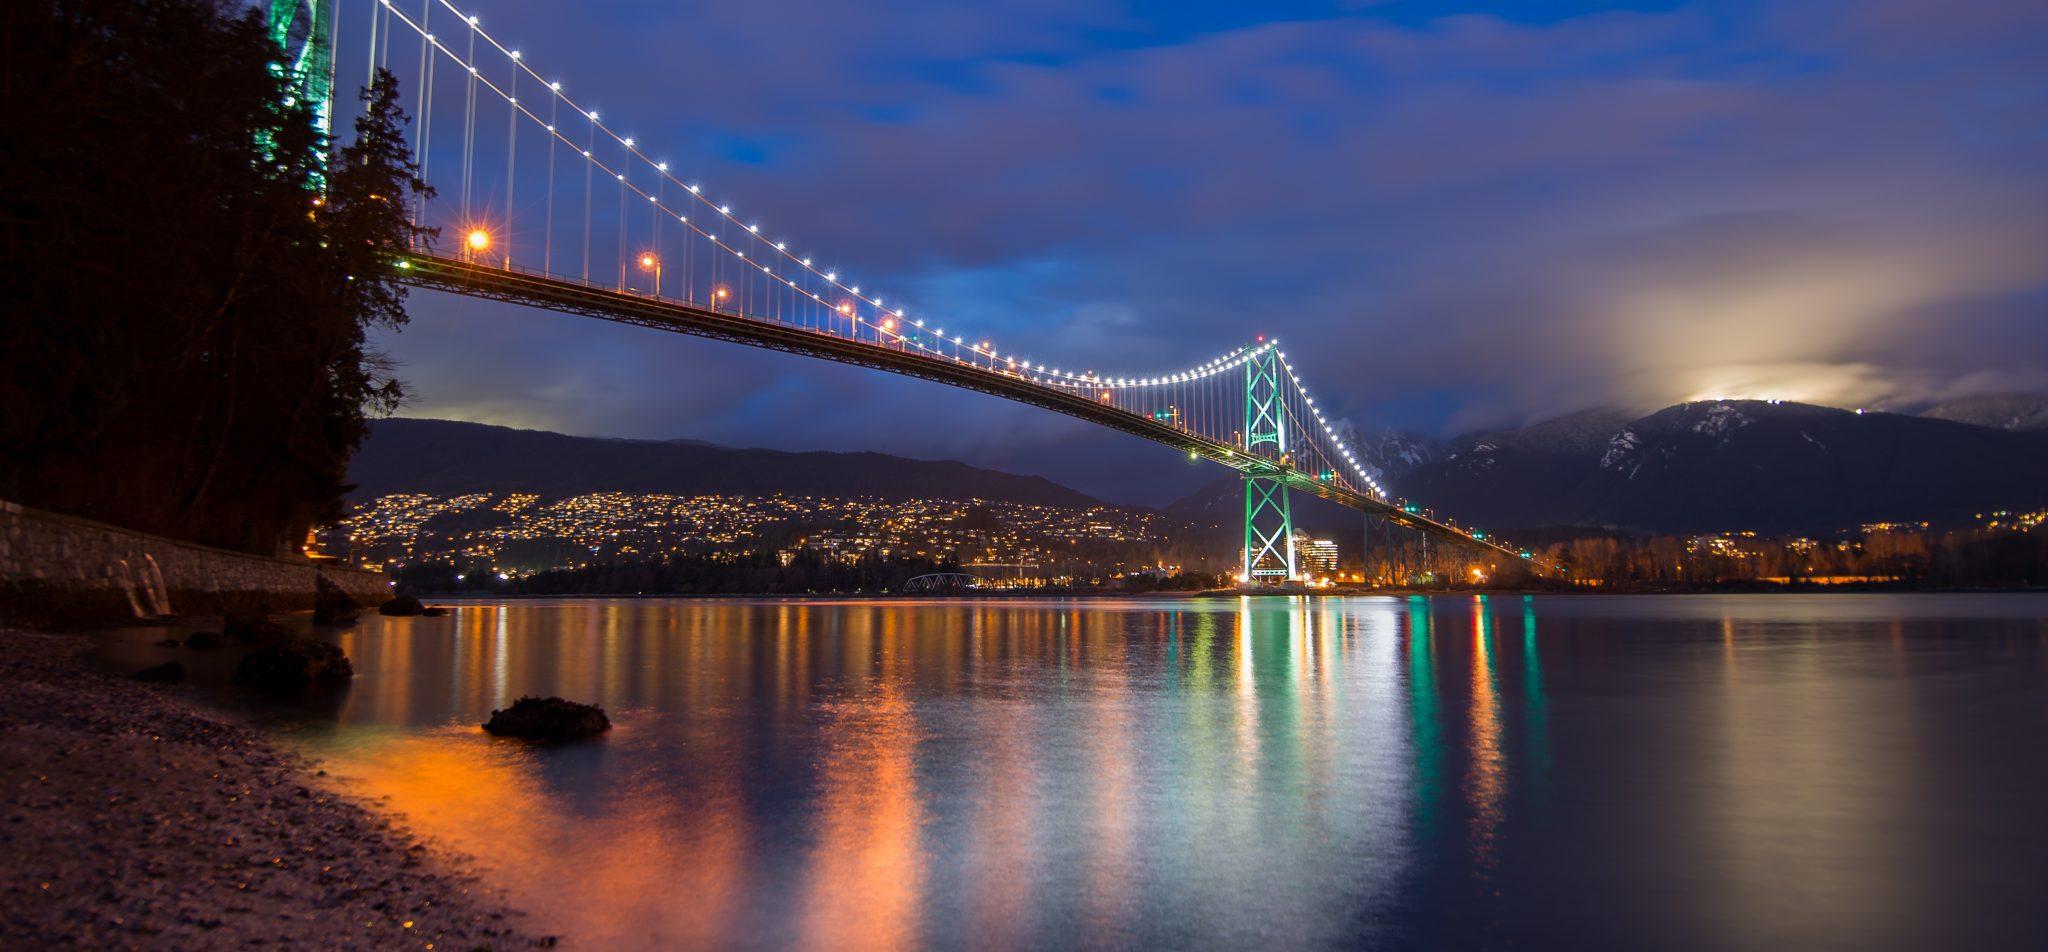 bc-beautiful-bridge_PD